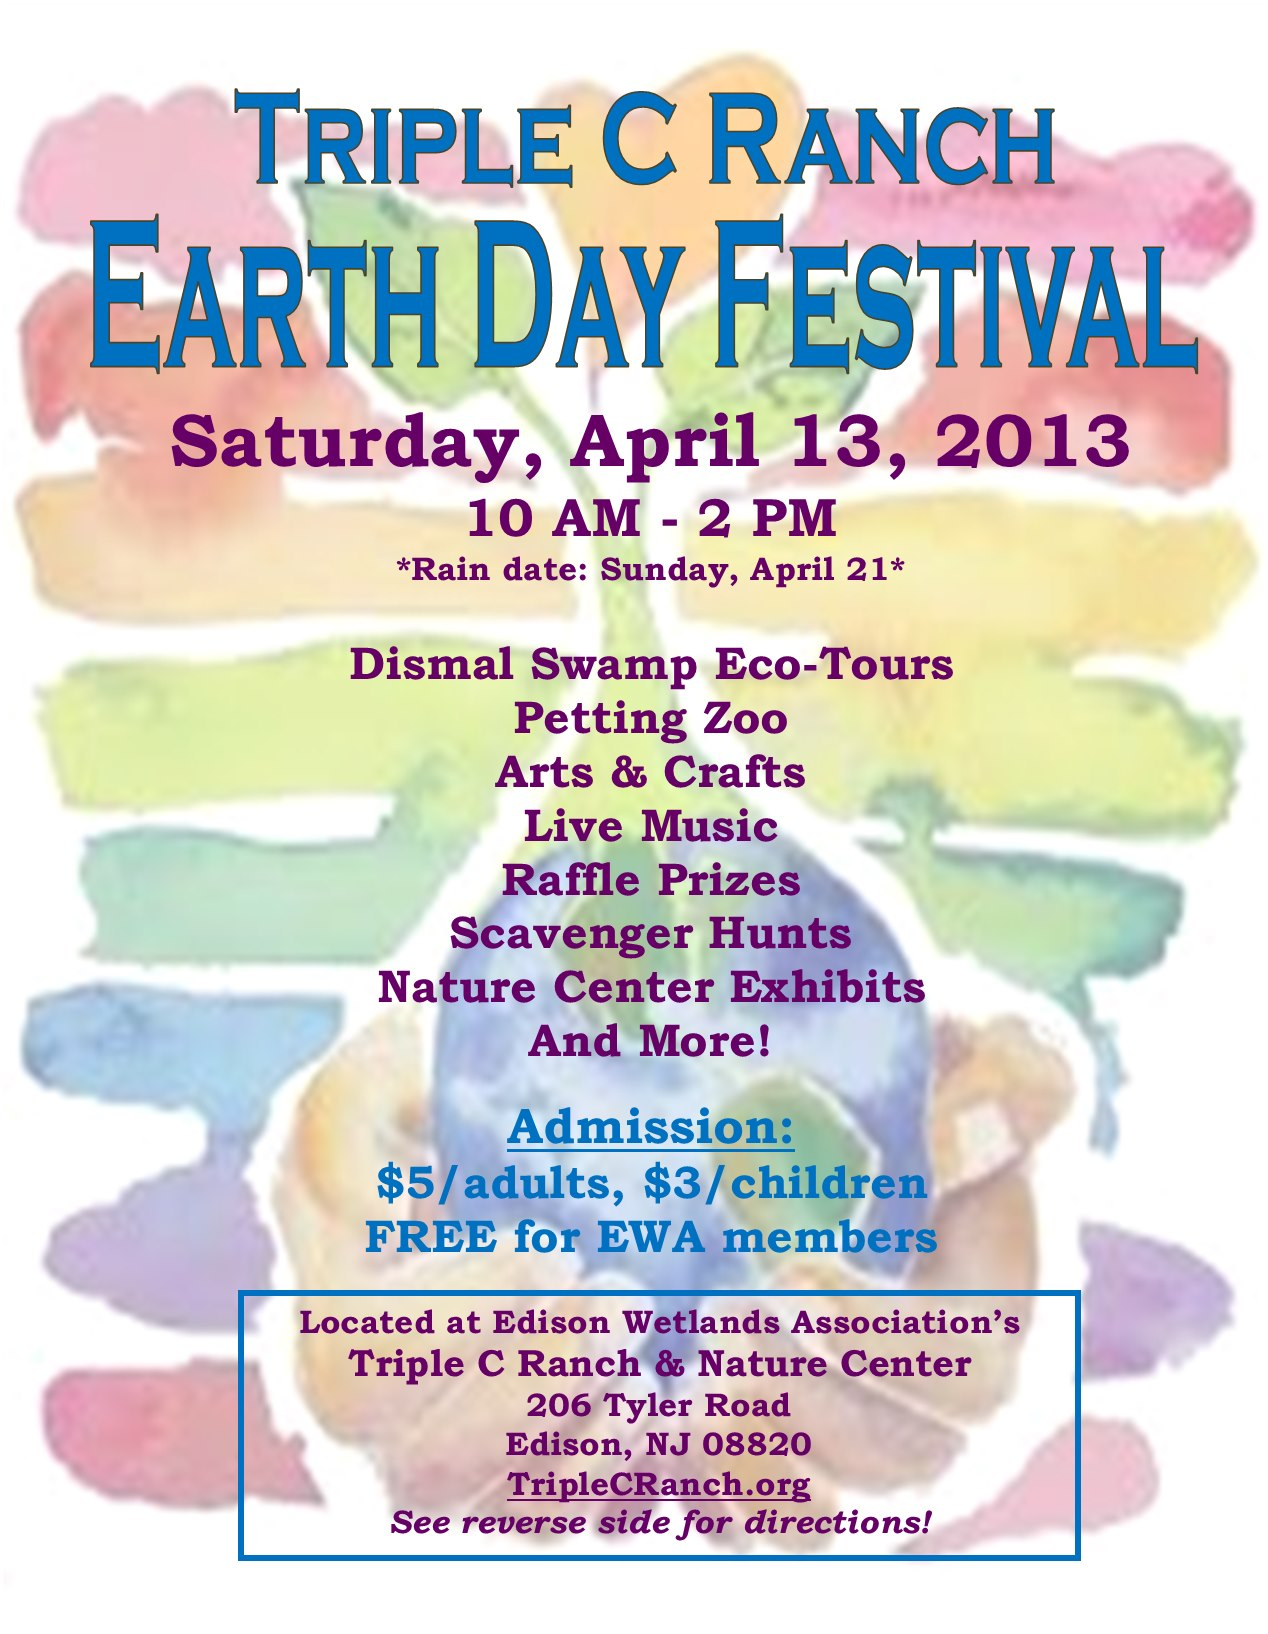 EWA, Triple C Ranch Celebrate Earth Day